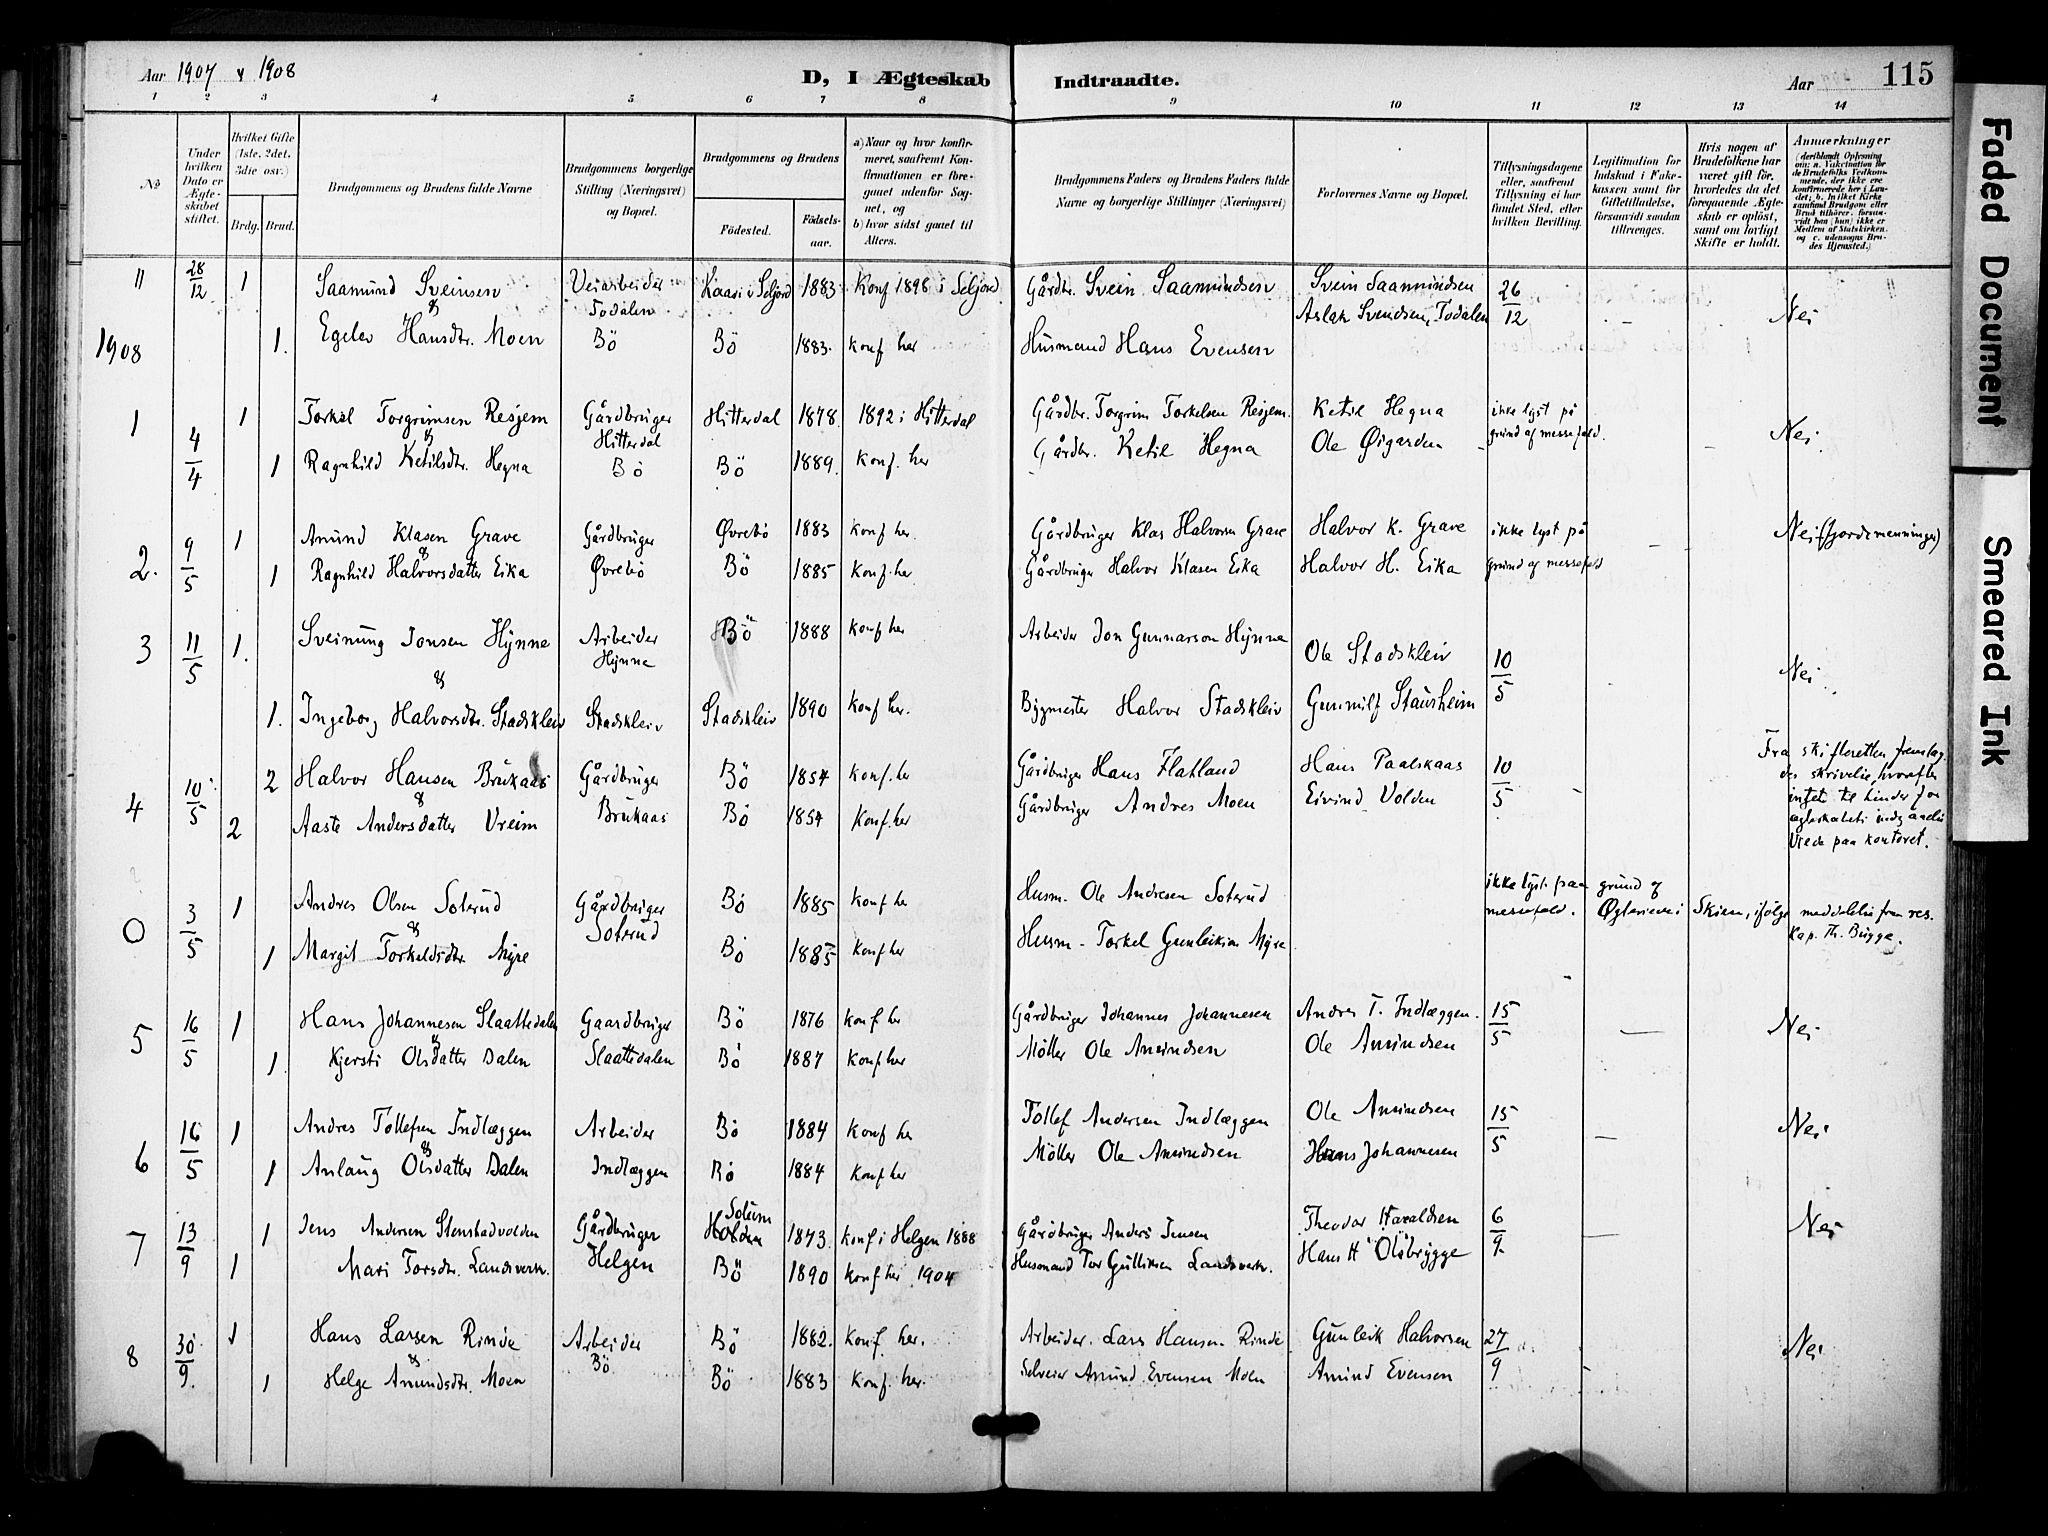 SAKO, Bø kirkebøker, F/Fa/L0012: Ministerialbok nr. 12, 1900-1908, s. 115